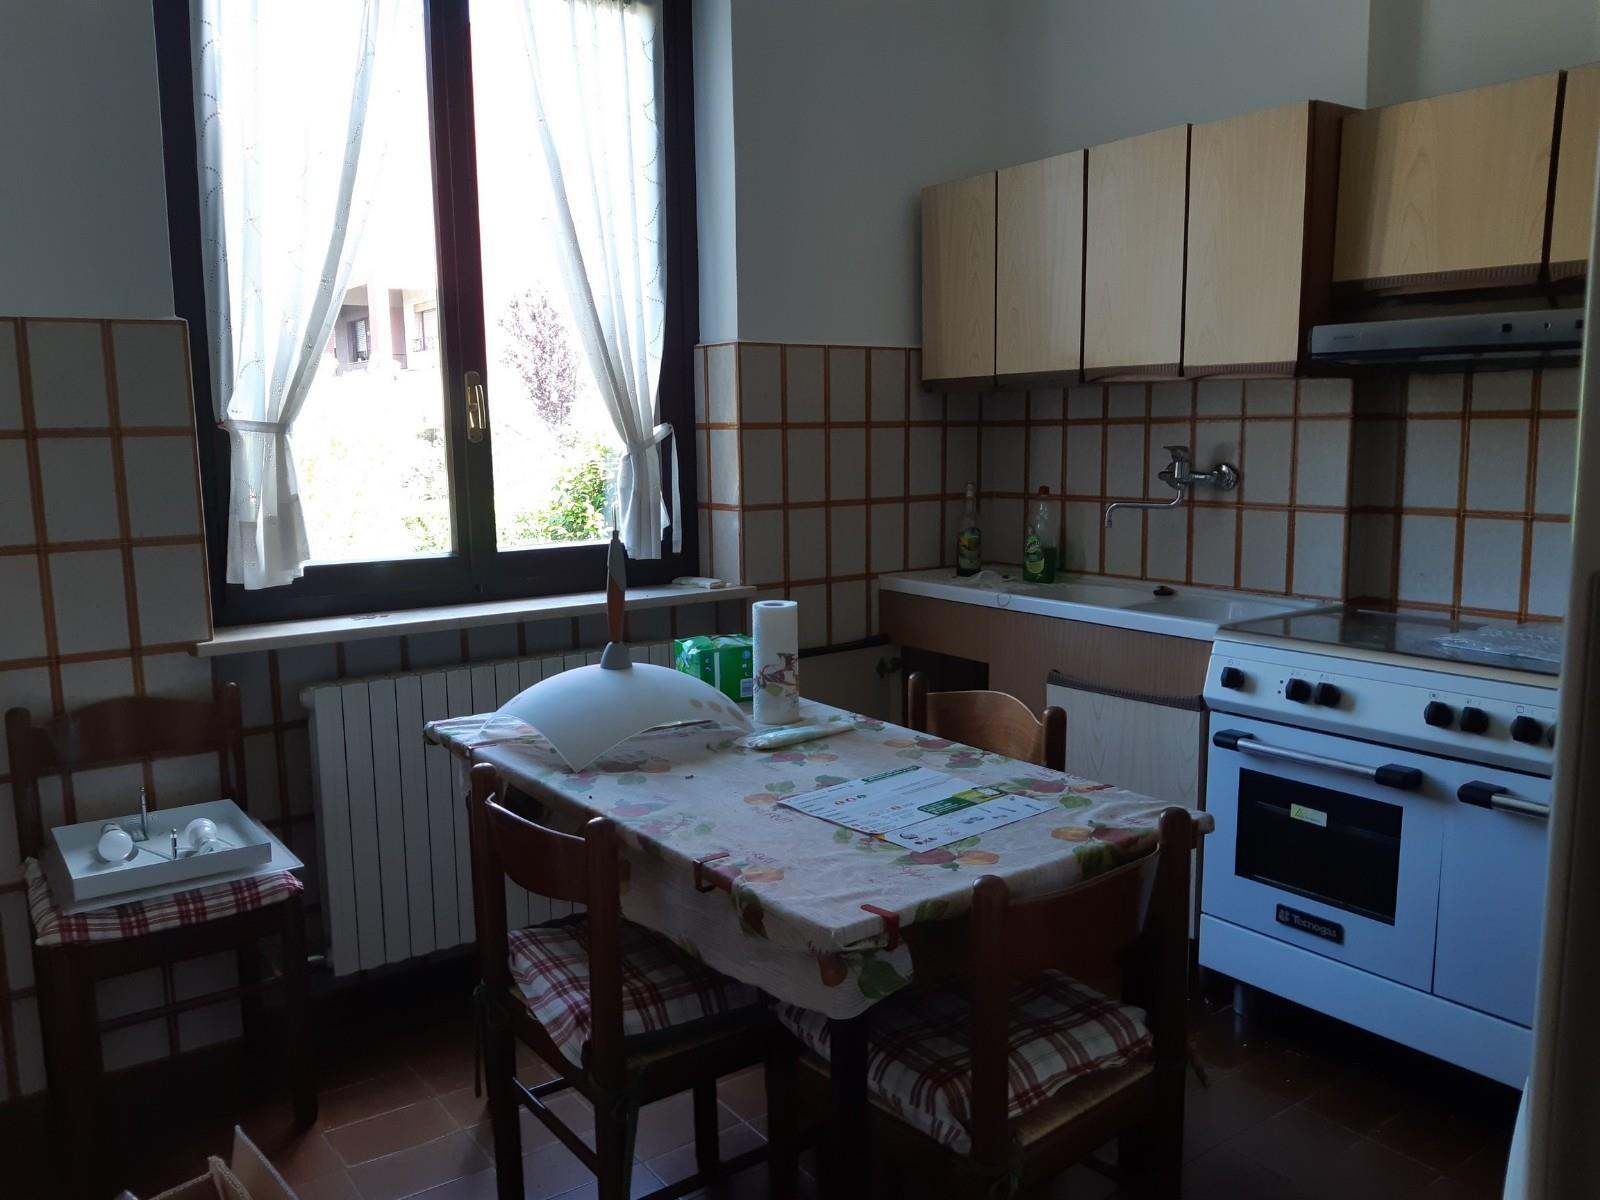 Foto 6 - Villa in Vendita - Sulbiate (Monza e Brianza)